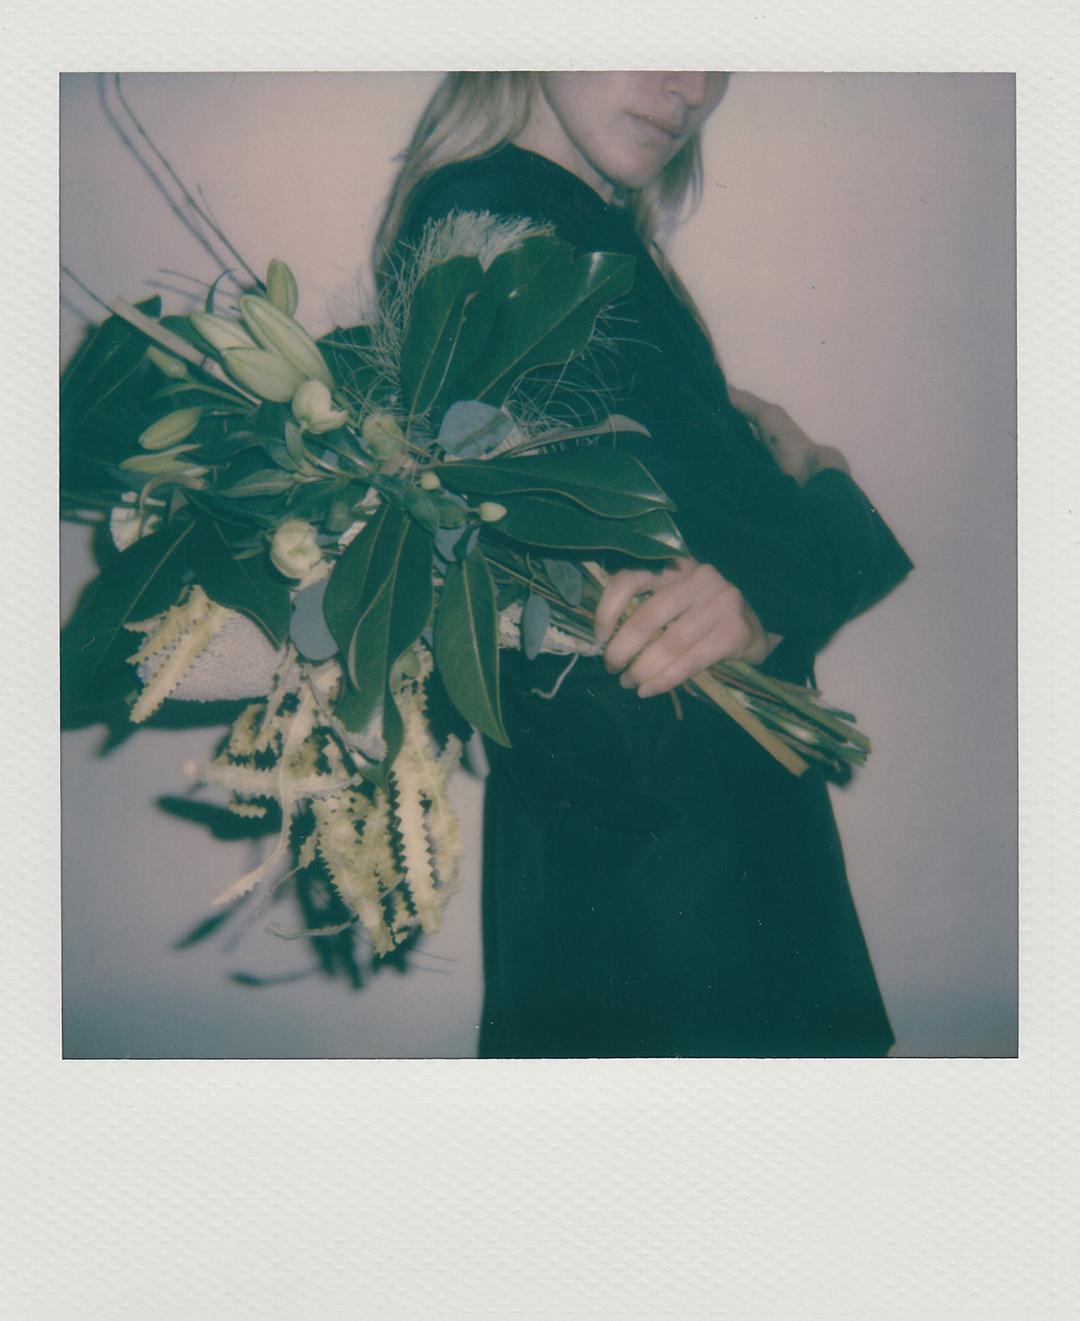 """blazé bouquet - BLAZÉ MILANO è lieta di annunciare il lancio di una collaborazione esclusiva con la flower designer Irene Cuzzaniti. In linea con lo spirito femminile del marchio, Irene ha creato tre diverse composizioni, in tre dimensioni e che portano il nome di tre collezioni di Blazé Milano: Queen of Hearts, Theatre of Dreams e The Essentials. I bouquet combinano un look romantico e delicato con un tocco grafico, che richiama le influenze maschili radicate nelle creazioni di Blazé Milano.In particolare, Irene ha selezionato dei fiori stagionali dalle dimensioni importanti, che includono protee esotiche, allium, orchidee e amaranto, per un tocco teatrale. La palette di colore è giocata su tonalità di arancione, verde e viola, con tocchi di blu.Per presentare questo progetto speciale, Blazé Milano ha chiesto al fashion designer e artista Christian Boaro, che l'anno scorso ha svelato la mostra fotografica """"The Naked Truth,"""" di scattare una serie di suggestive Polaroids dove i bouquet di Irene sono immortalati con giacche iconiche del brand."""